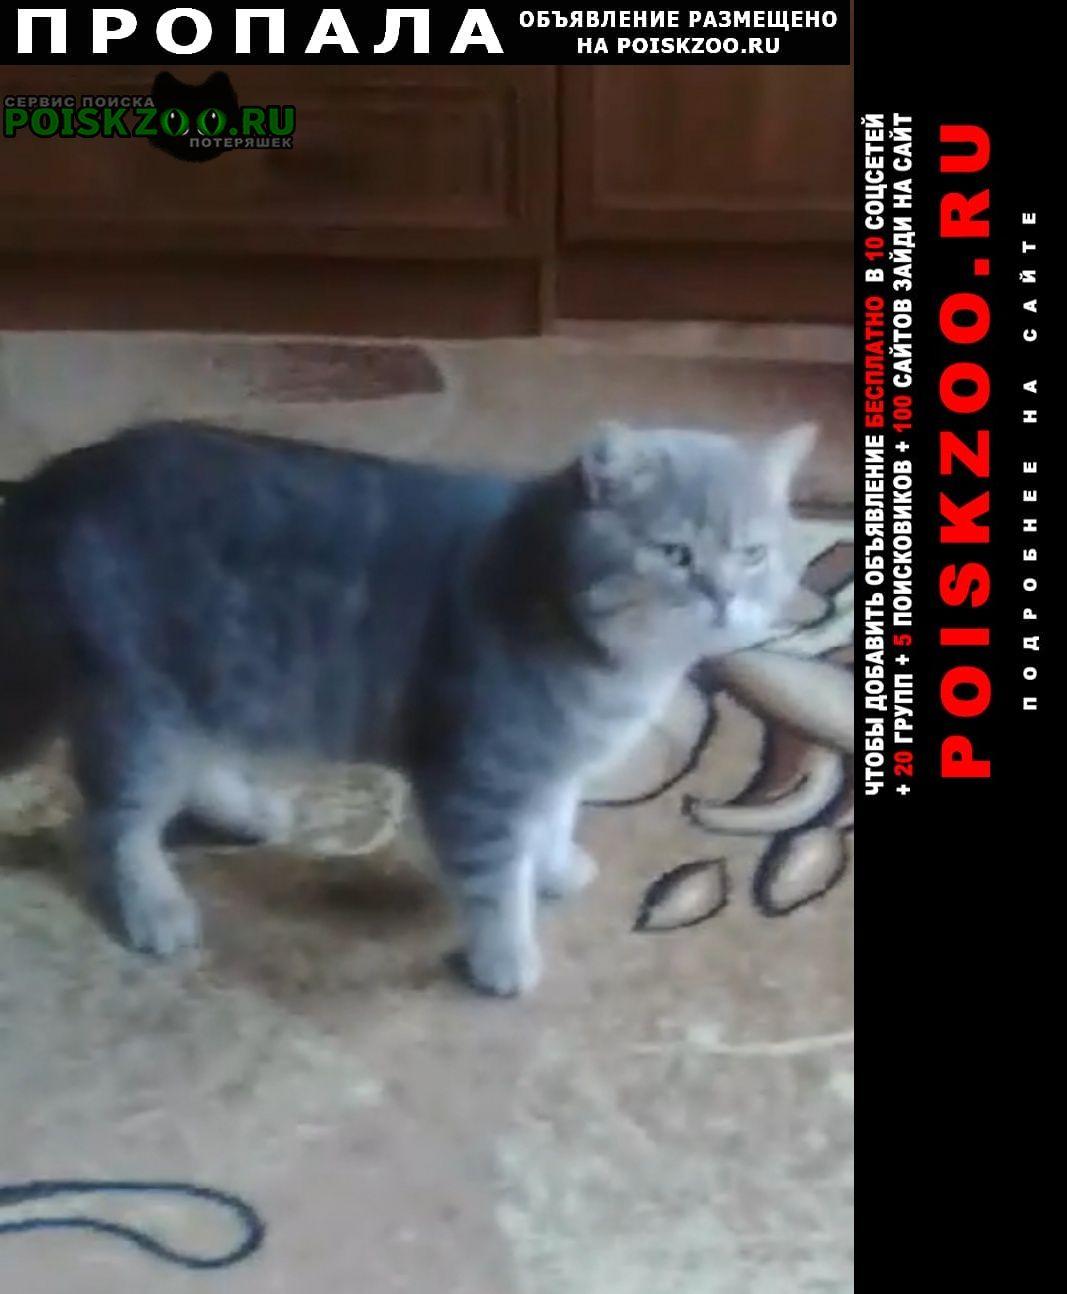 Пропал кот Кузнецк